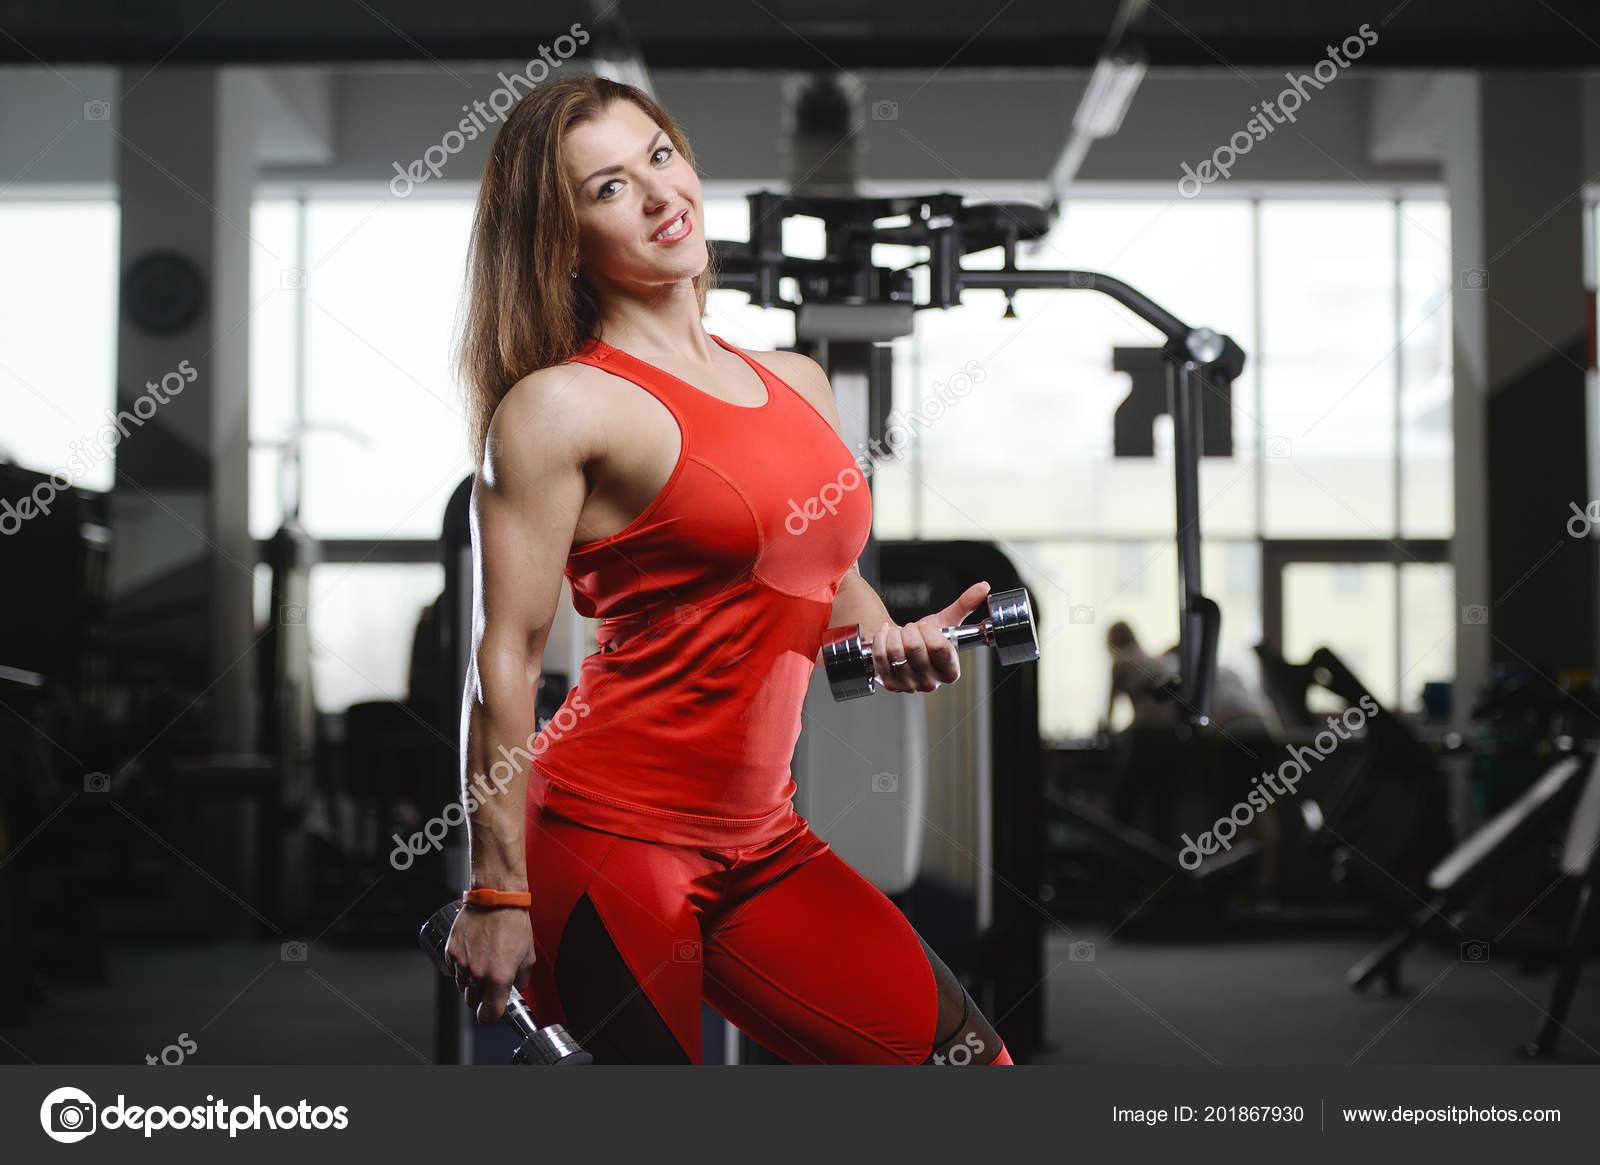 Сексуальные фитнес упражнения с девушкой